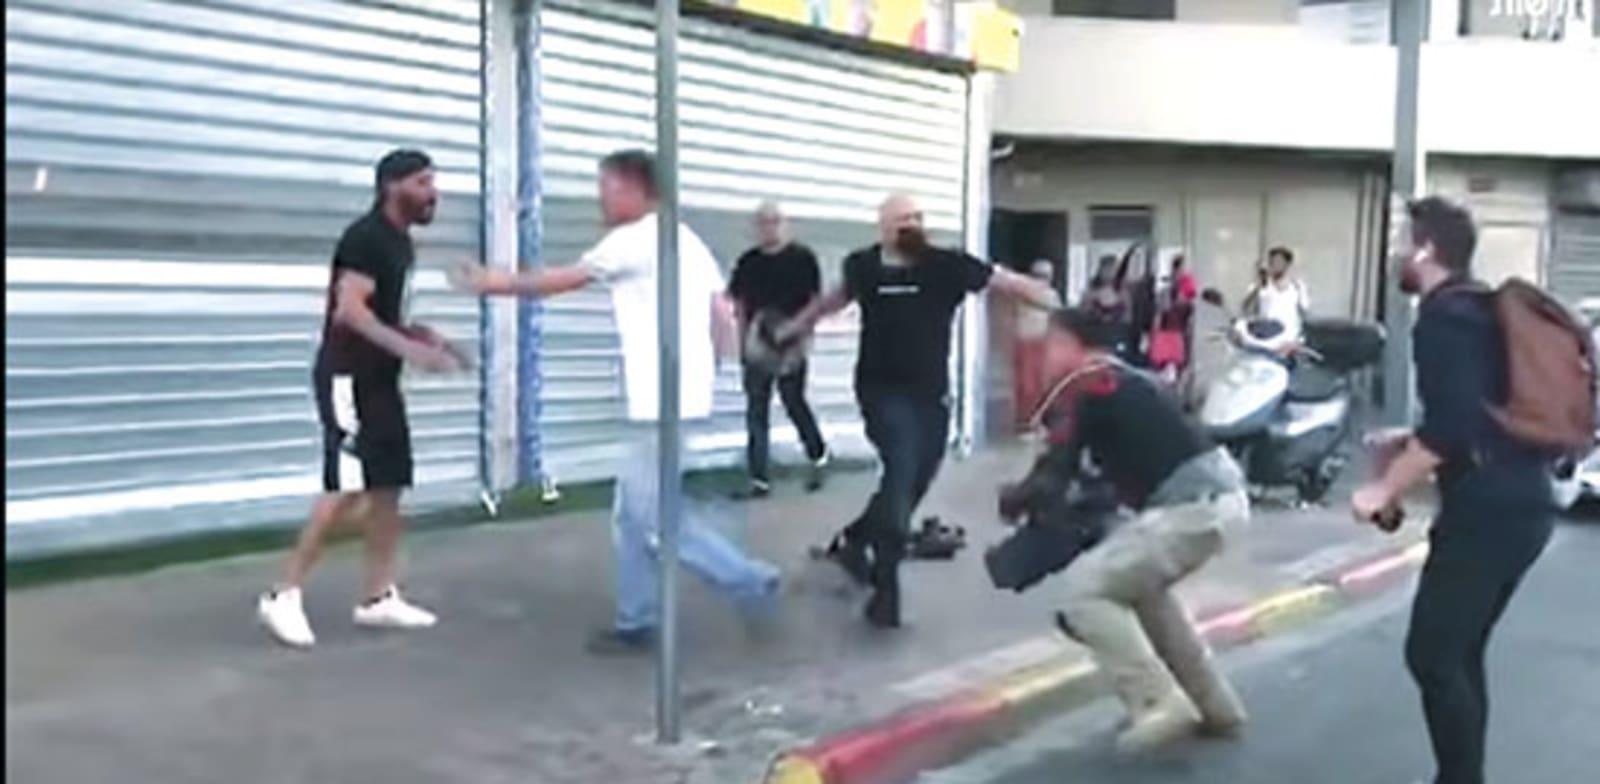 תקיפת צוות תאגיד השידור בדרום תל אביב. קשה להיות מופתעים / צילום: יוטיוב